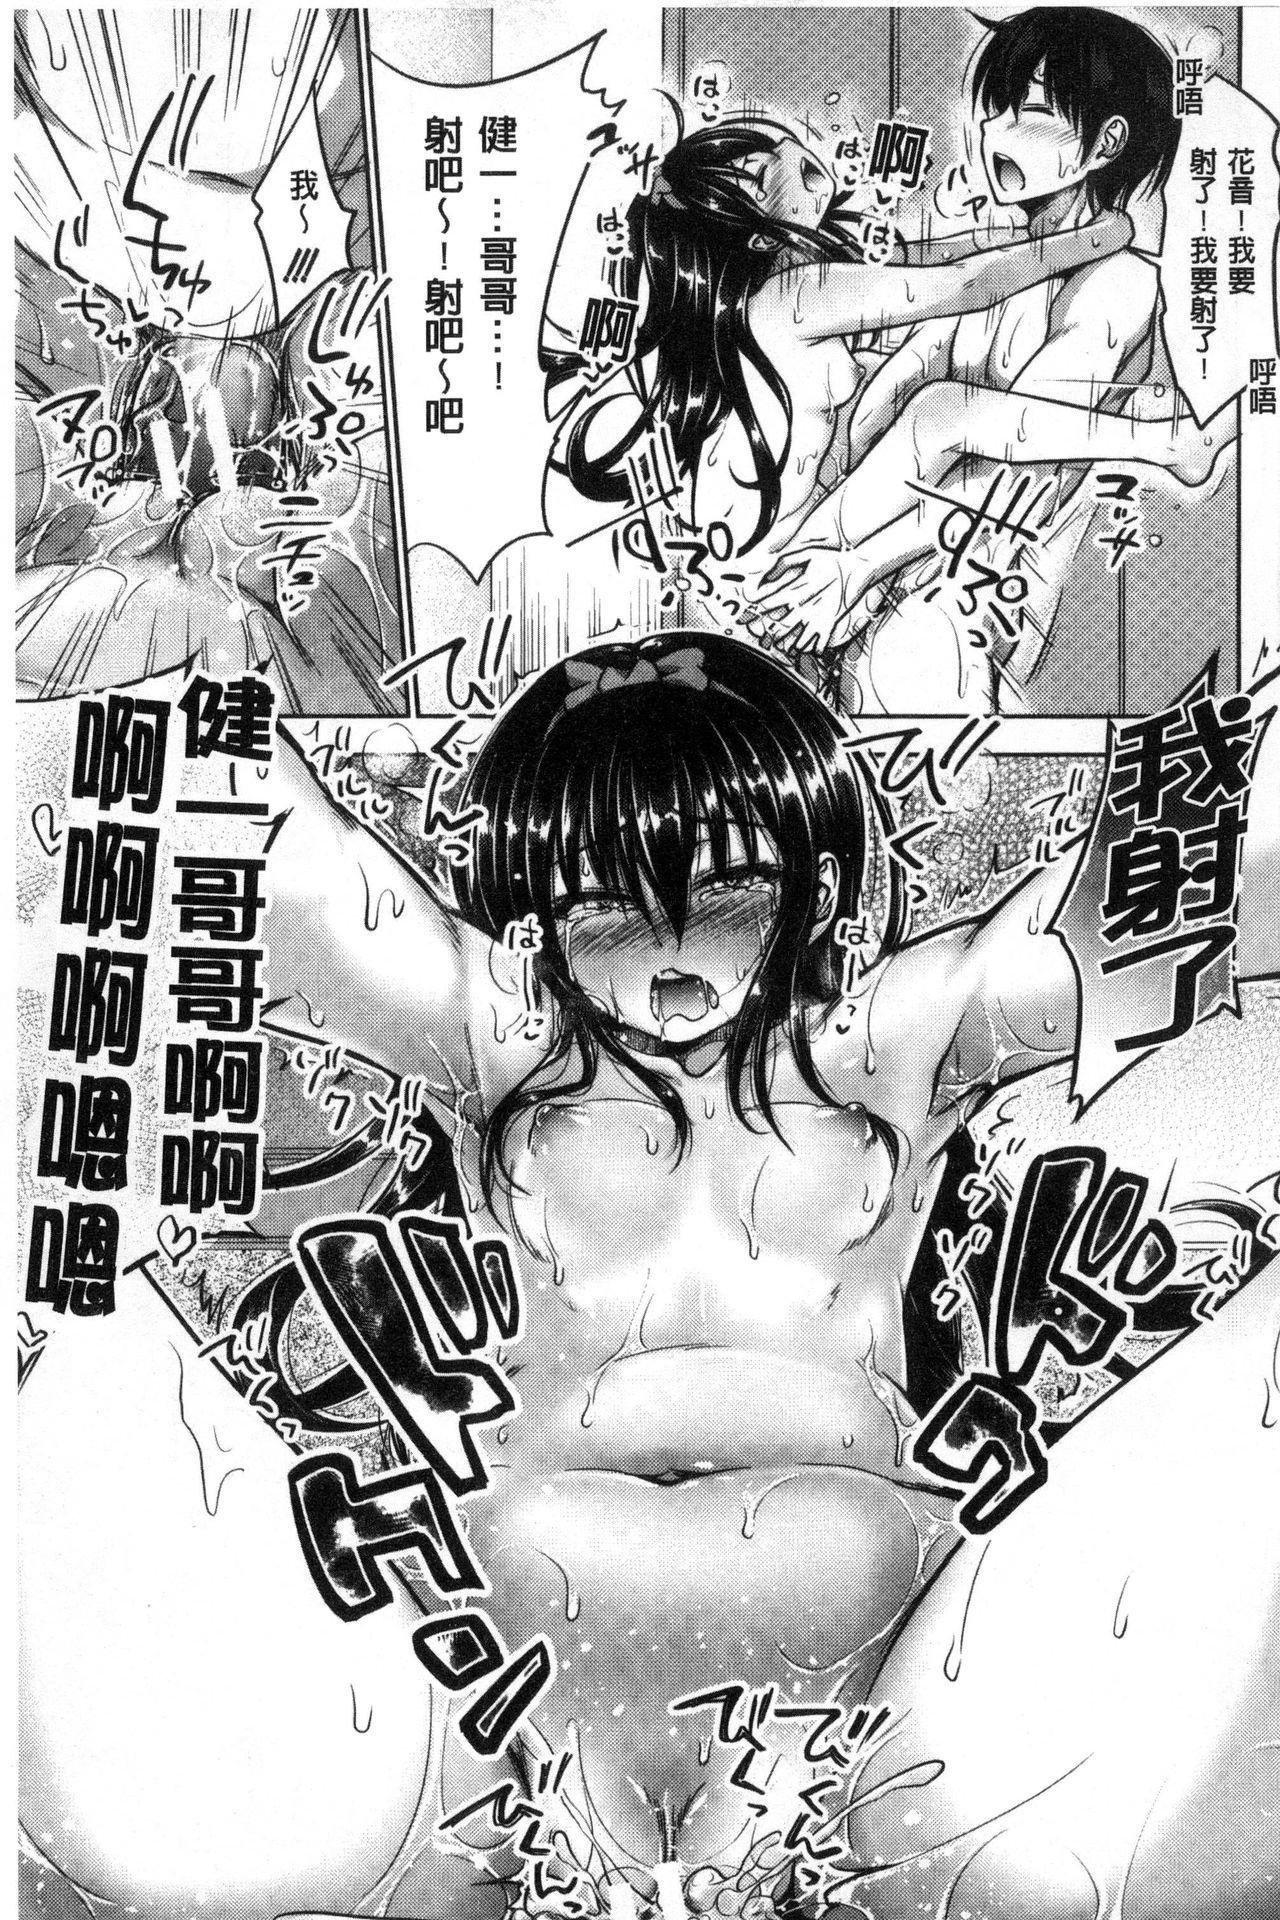 [Takuwan] Sanshimai Show Time -Moshi Ore ga 10-nen mae no Sugata de Seishun Yarinaosetara- | 三姉妹ShowTime -如果我以10年前的模樣青春再玩一次的話- [Chinese] 112